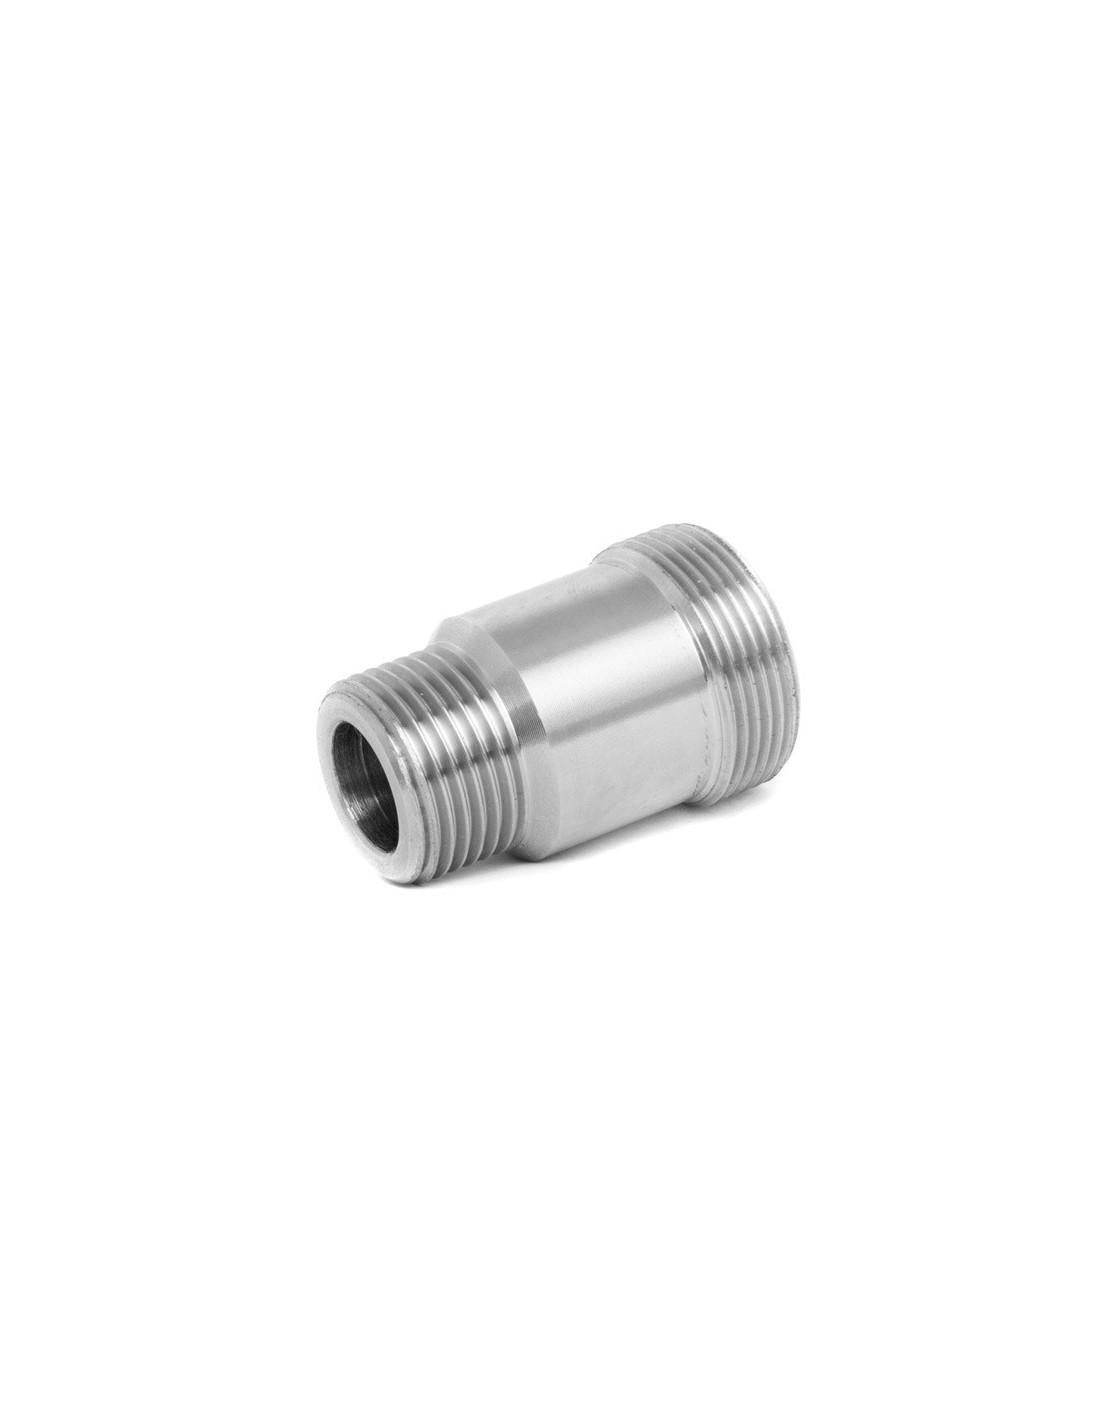 """SAN02096 - Rostfri rengöringsadapter 5/8"""" Pygmy och Kontakt"""